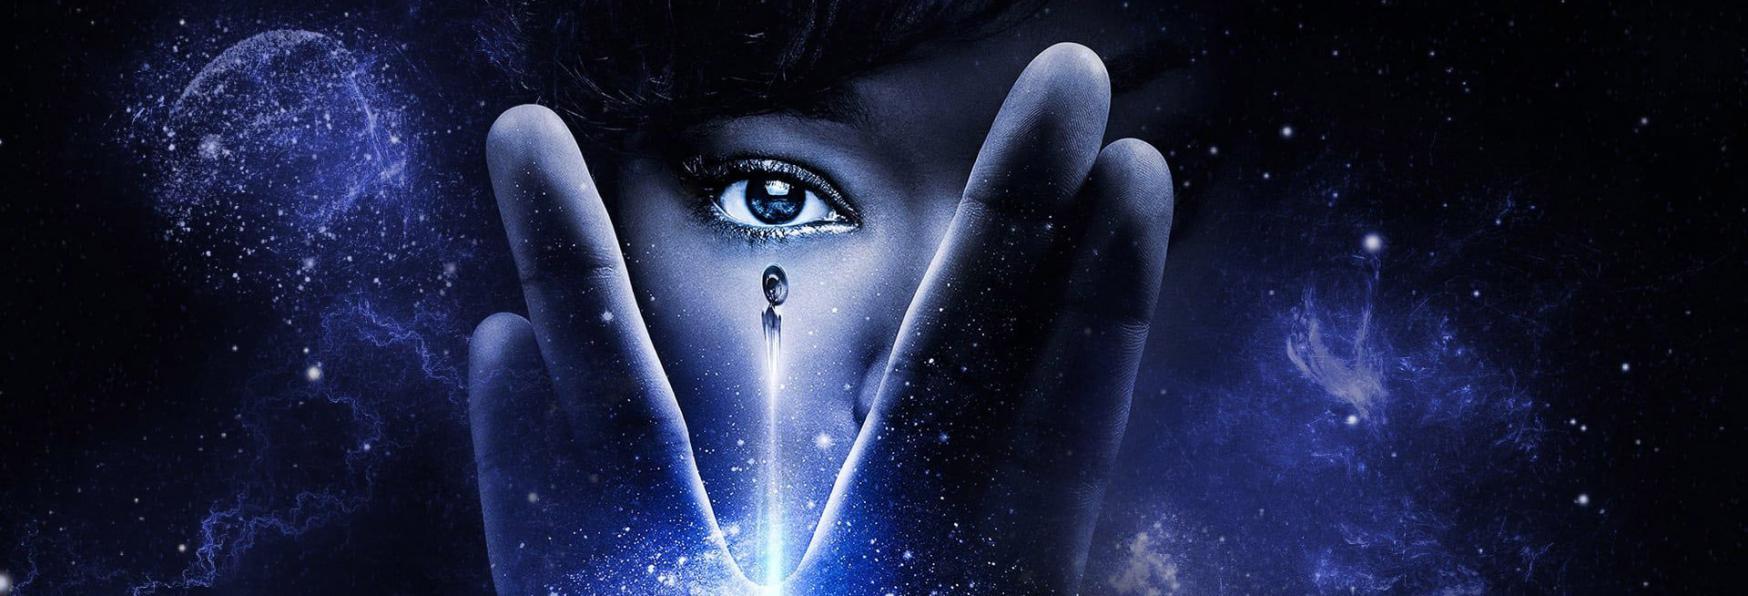 Star Trek: Discovery 3 - Annunciata la Data di Uscita della nuova Stagione